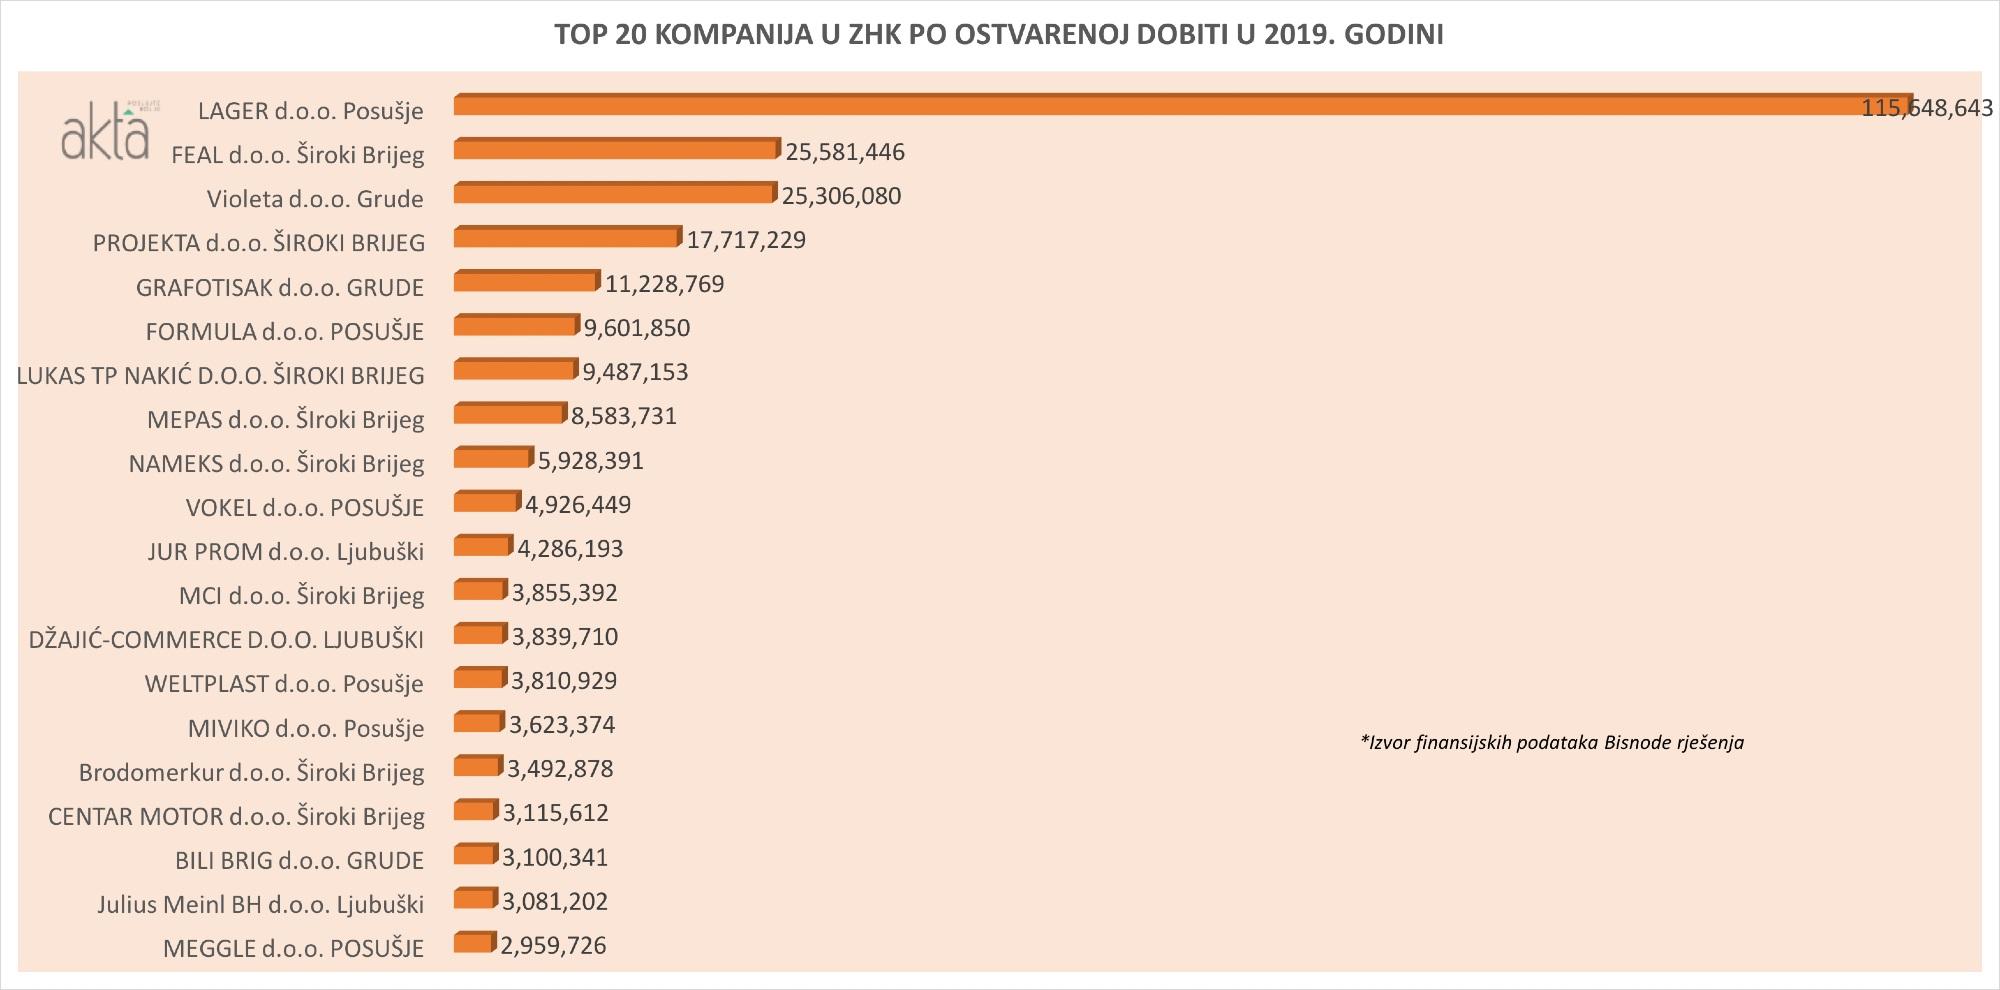 TOP 20 kompanija u ZHK/Ž po prihodu, dobiti i broju radnika u 2019.